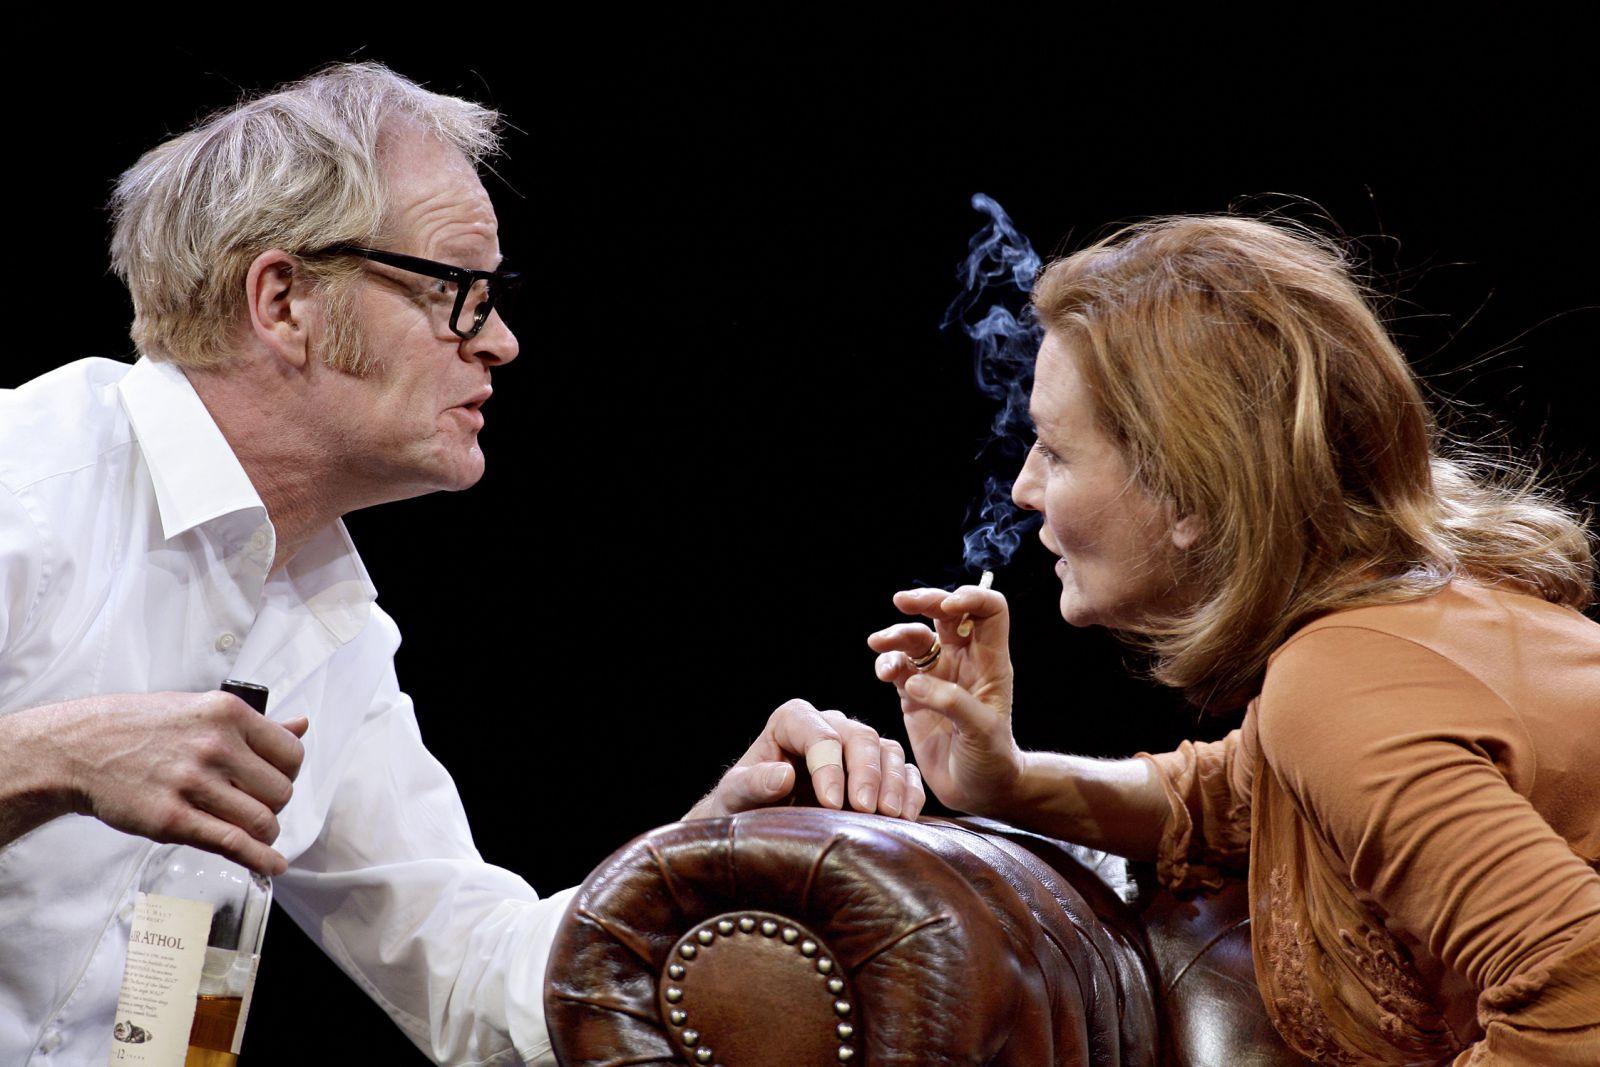 Der letzte Vorhang_1_Guntbert Warns, Suzanne von Borsody © Barbara Braun drama-berlin.de